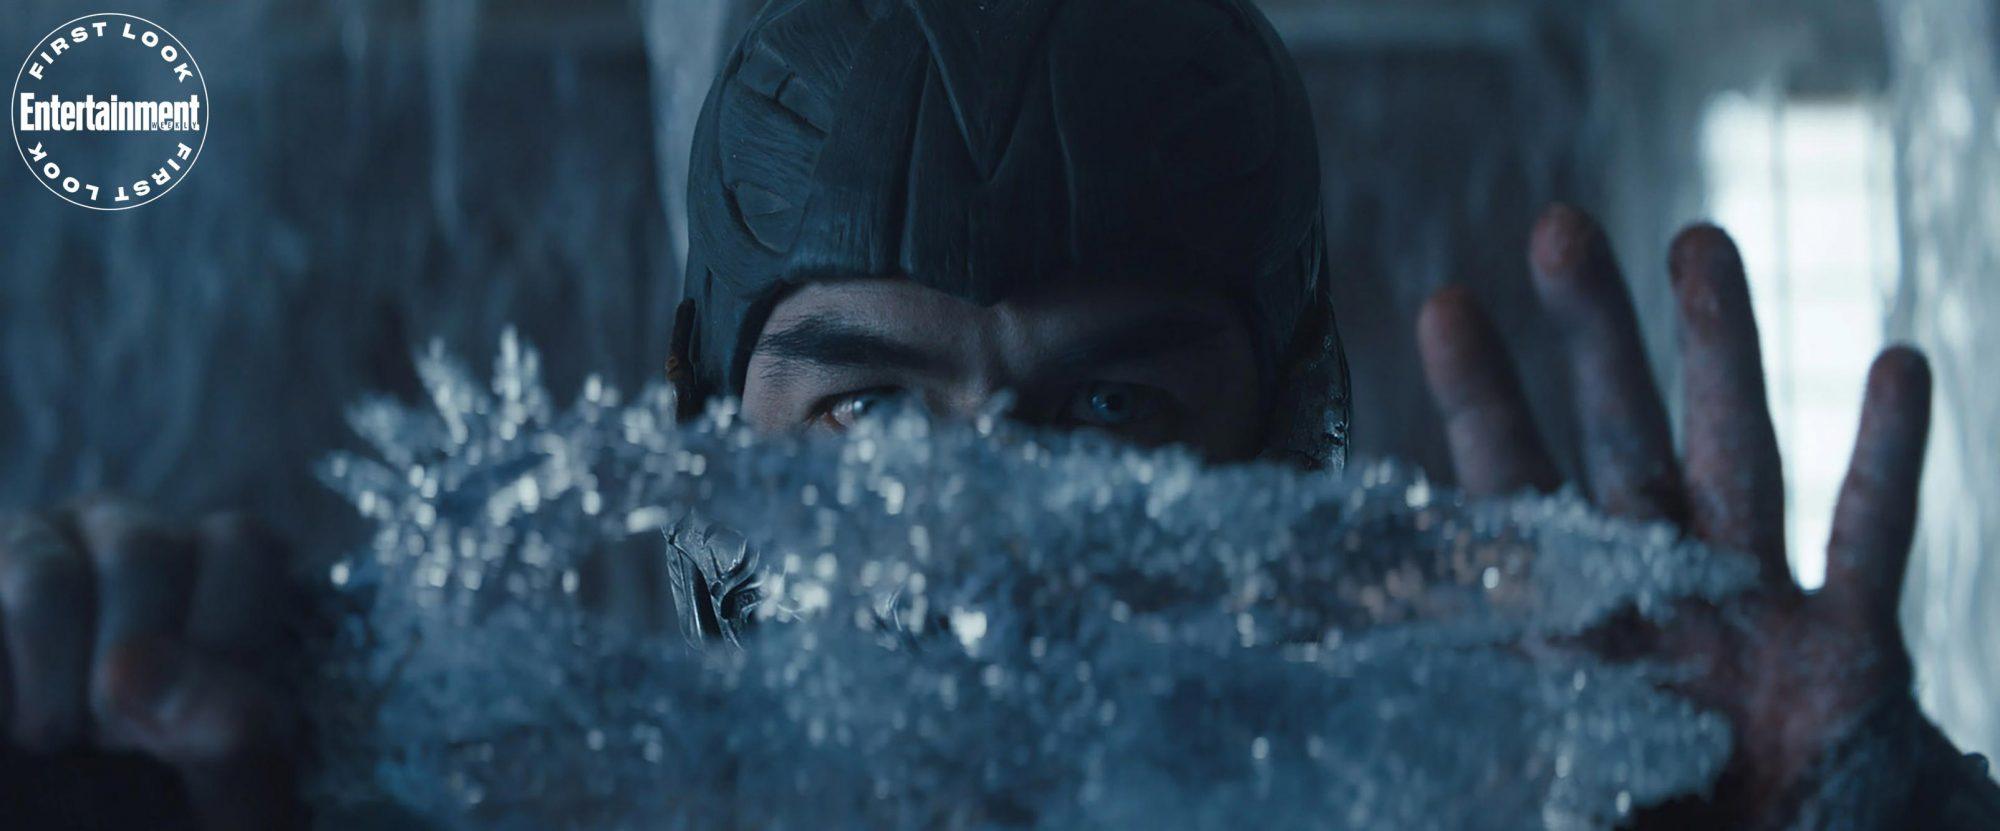 Sedm fotek z nového Mortal Kombat filmu 3 7